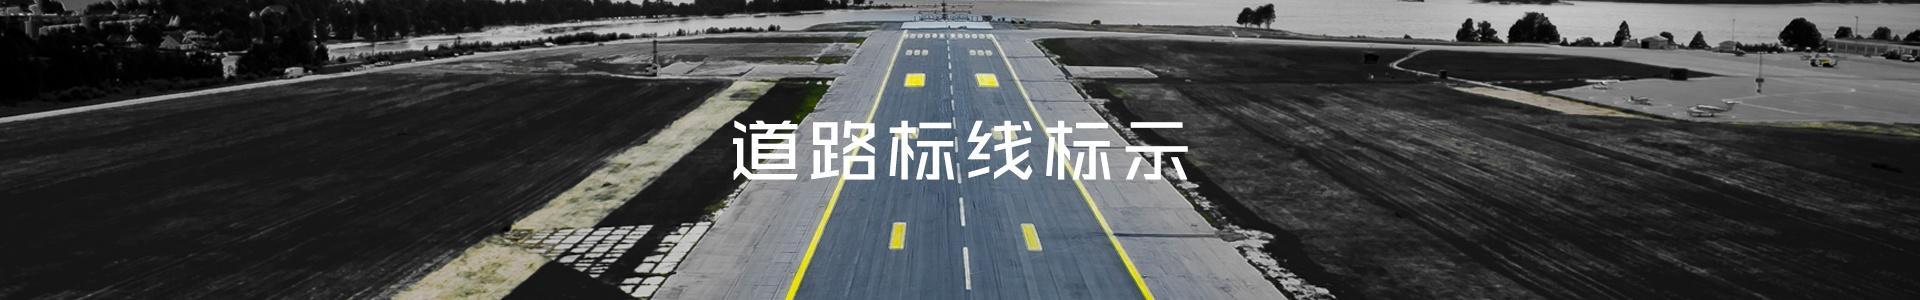 道路標線標示